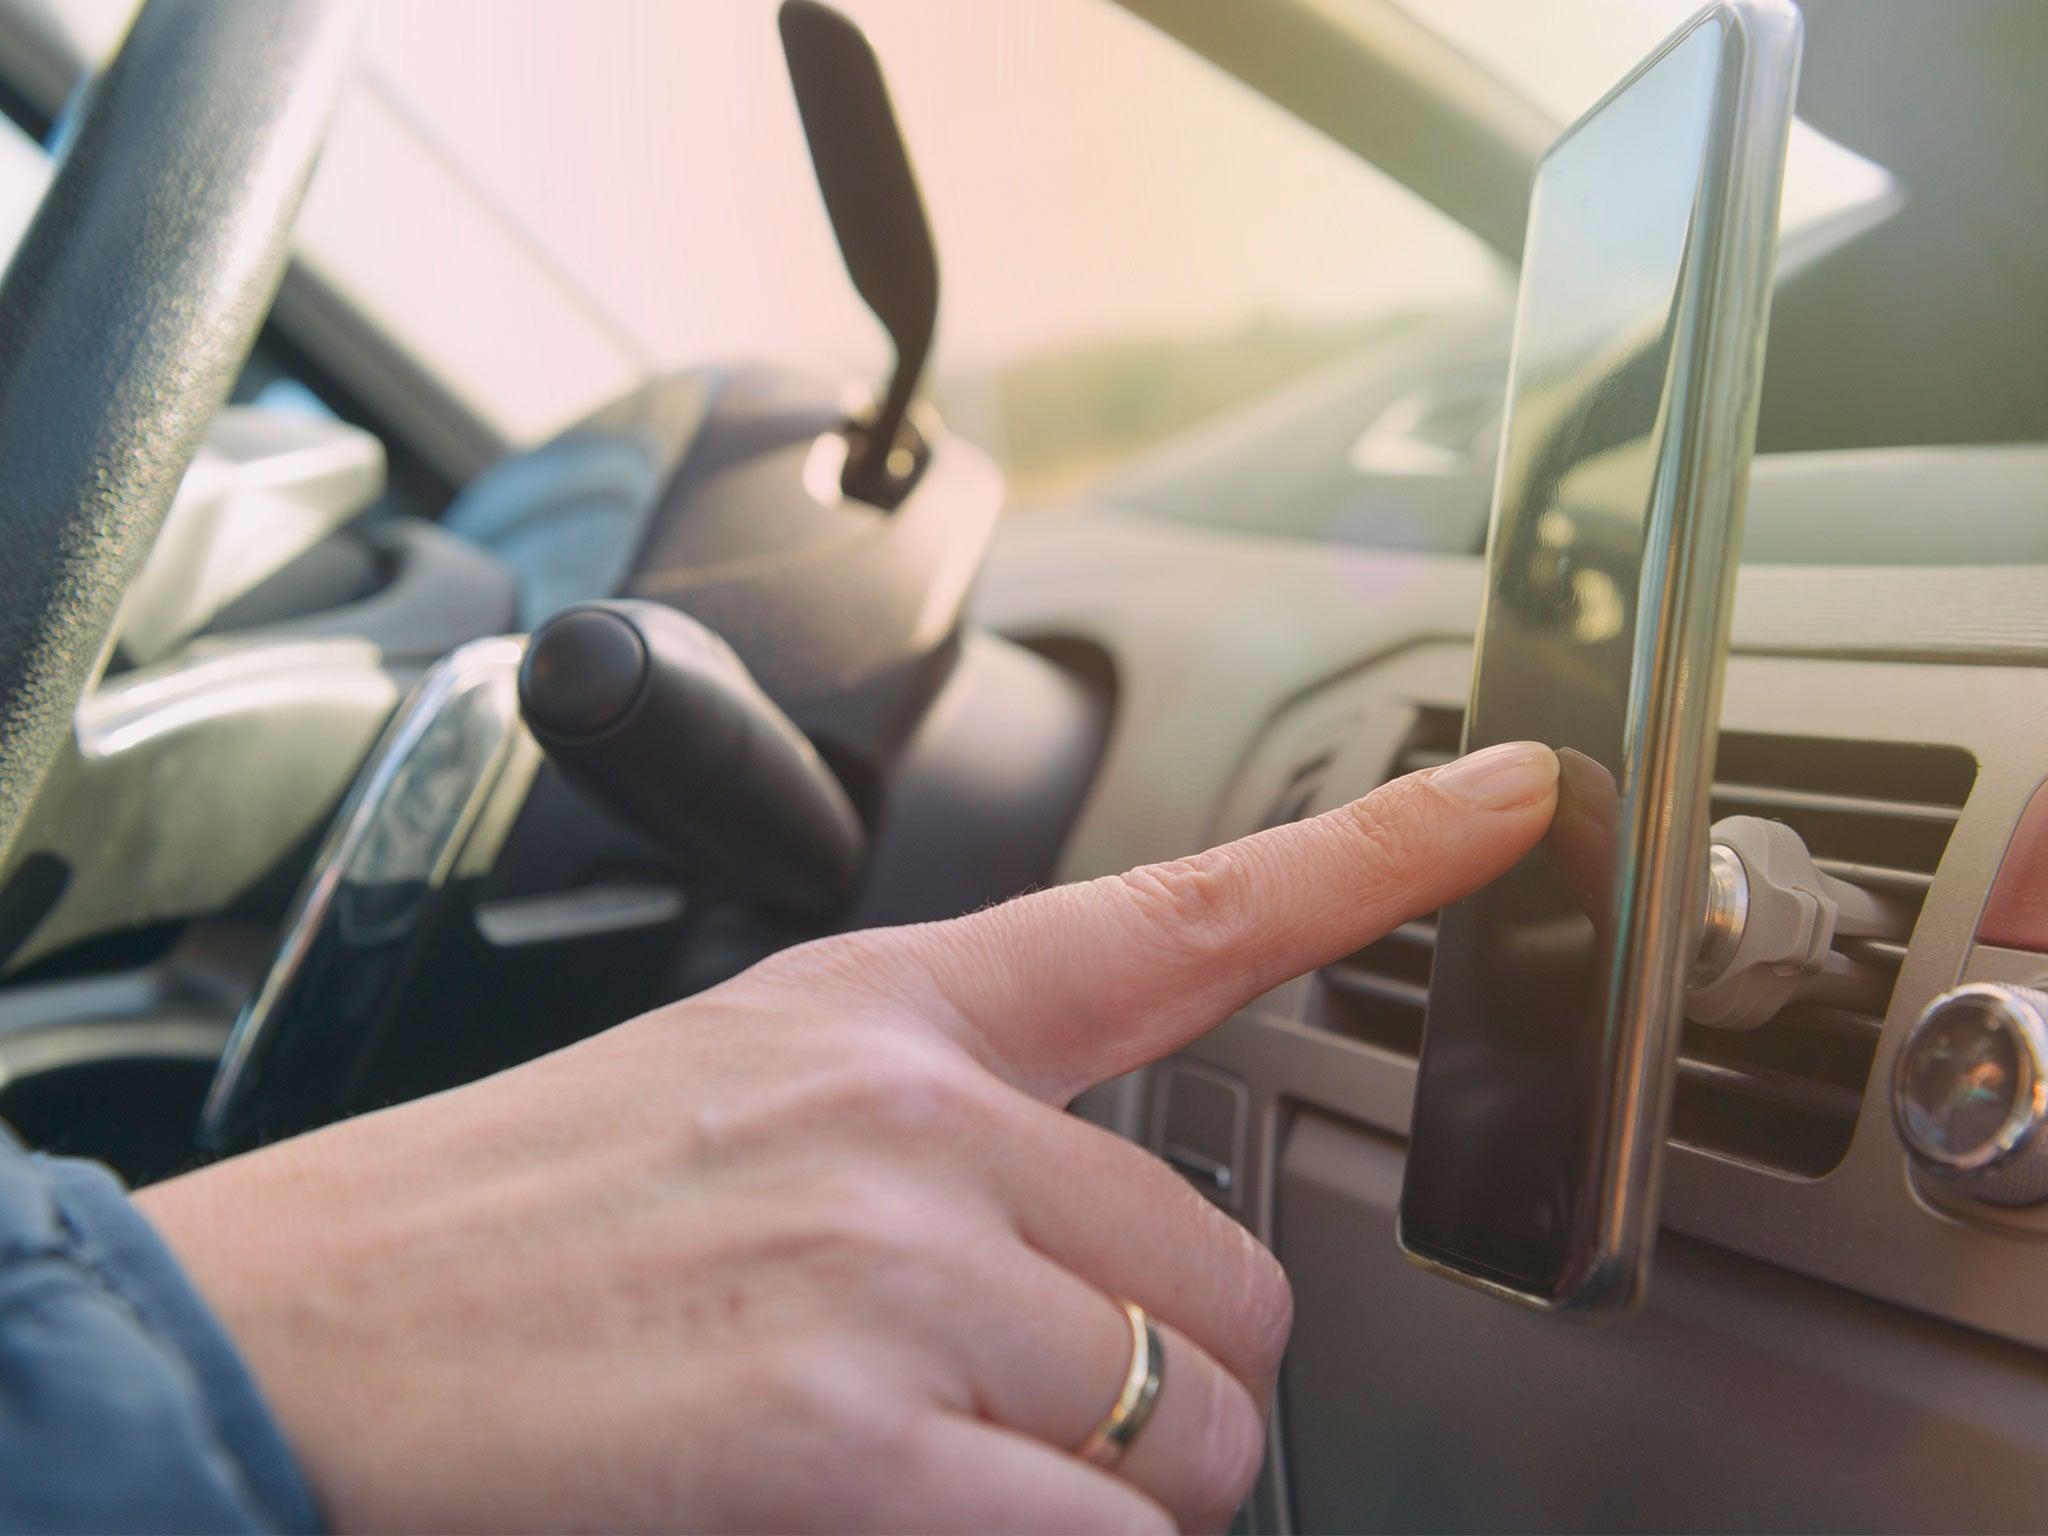 Ban drivers making hands-free phone calls, say MPs